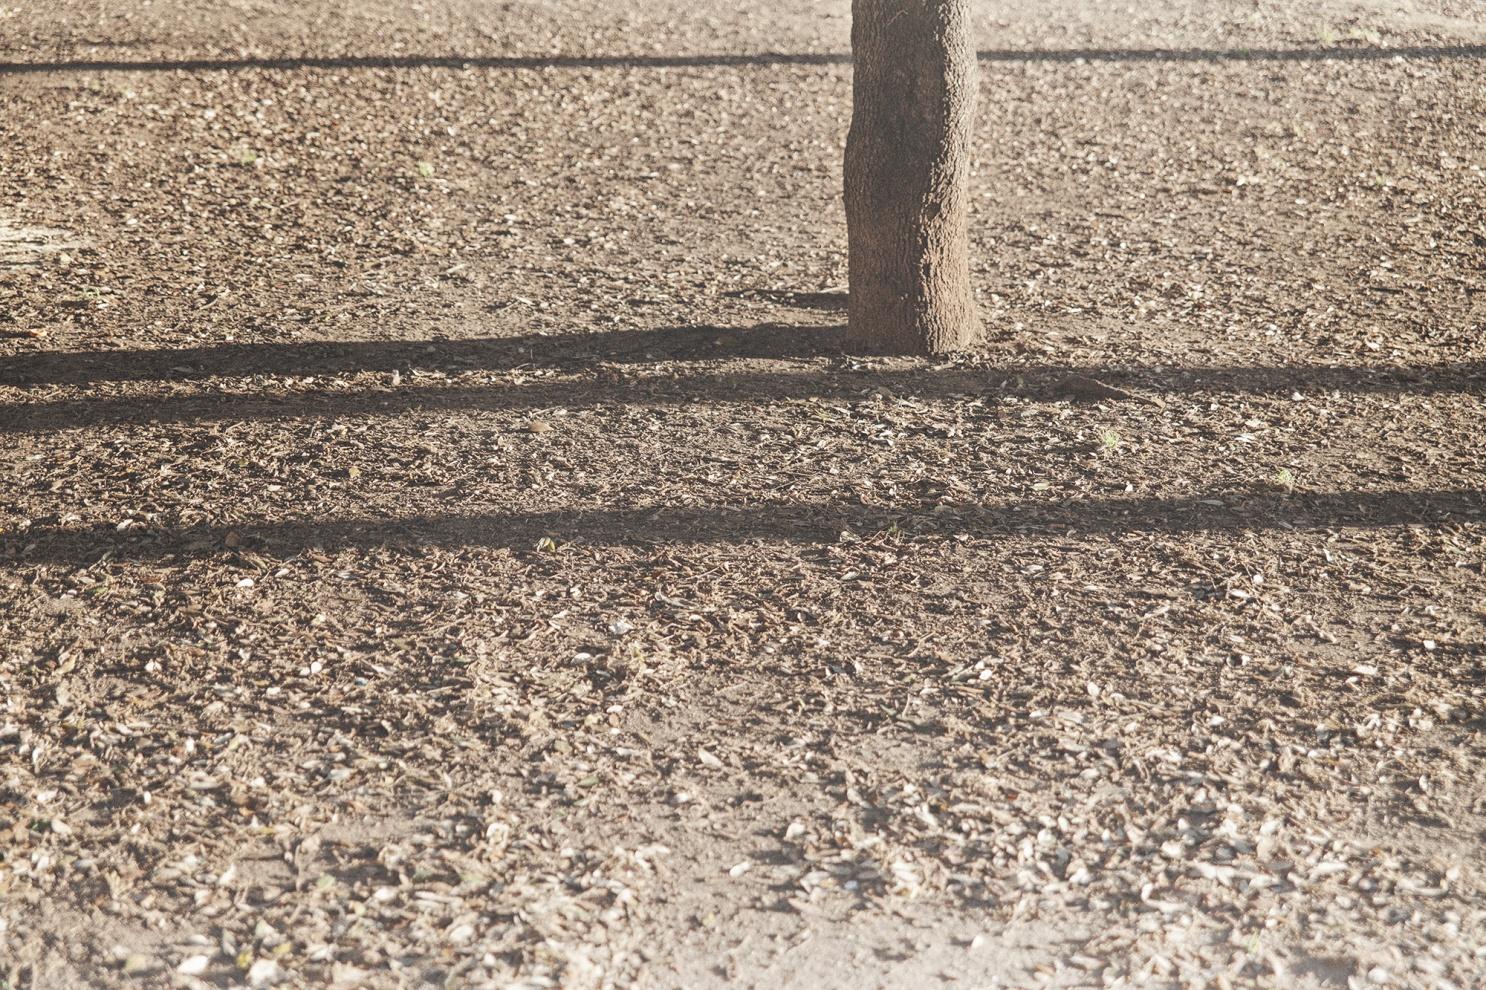 """Roberto Scialabba (24), piazza San Giovnni Bosco, Roma (28 febbraio 1978) militante di Lotta Continua, ucciso da alcuni appartenenti al gruppo terroristico d'ispirazione neofascista Nuclei Armati Rivoluzionari nel terzo anniversario della morte di Mikis Mantakas (23) e nella convinzione che a commettere la strage di Acca Larentia, un mese prima, sareb- bero stati i comunisti romani della vicina casa occupata di Via Calpurnio Fiamma. Ma tale posto era stato sgomberato dalla polizia il giorno precedente e, avendolo trovato chiuso, i neofascisti si recano nella vicina Piazza Don Bosco, ritrovo per molti militanti di sinistra della zona. Arrivati nei pressi dei giardinetti, posti al centro della piazza, il gruppo a volto scoperto inizia a sparare su un capannello di ra- gazzi radunato attorno ad una panchina, identificati come """"rossi"""" dall'abbigliamento. Cristiano Fioravanti va a segno colpendo al torace Roberto Scialabba ma, subito dopo, gli si inceppa l'arma. Il ragazzo non e' tuttavia ancora morto quando viene raggiunto da Valerio Fiora- vanti che lo fredda da distanza ravvicinata con due colpi alla nuca."""